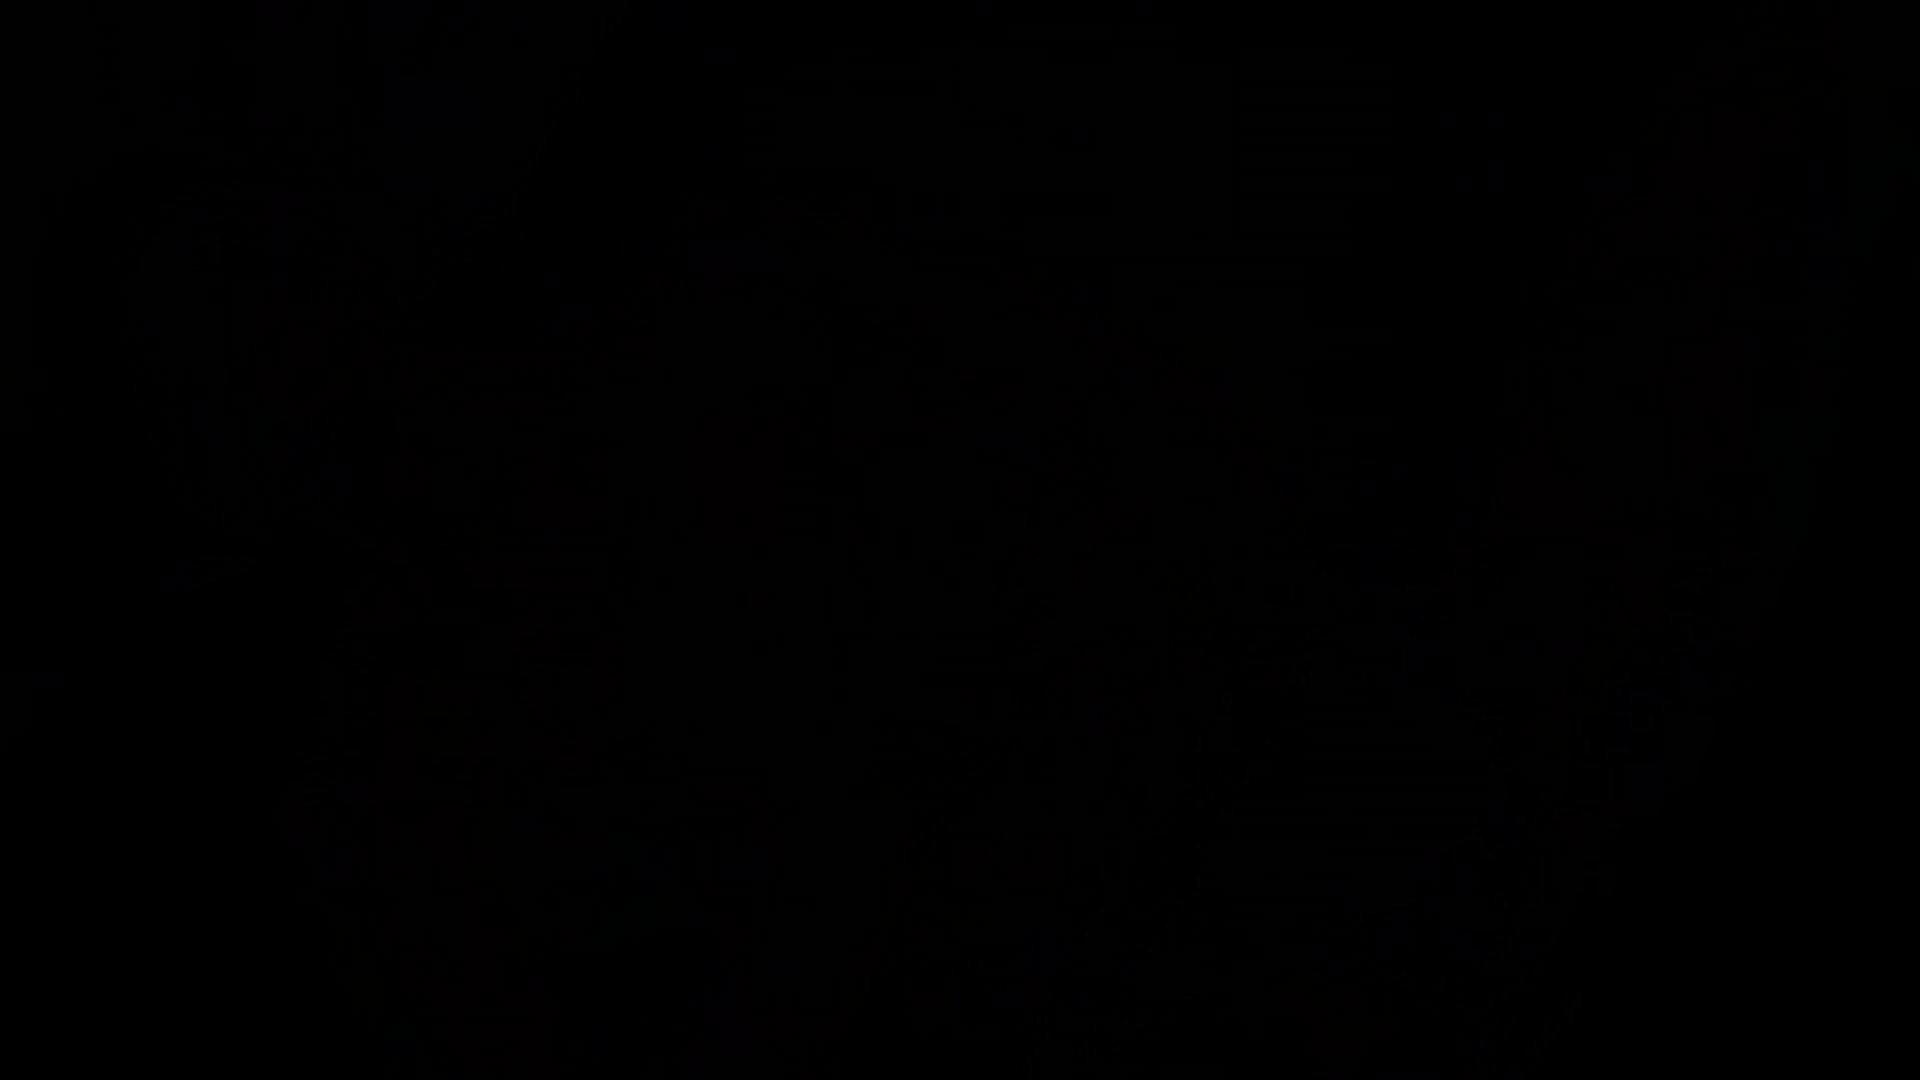 目隠しぶっかけ!男の道だぜ! ノンケのオナニー ゲイSEX画像 96連発 3